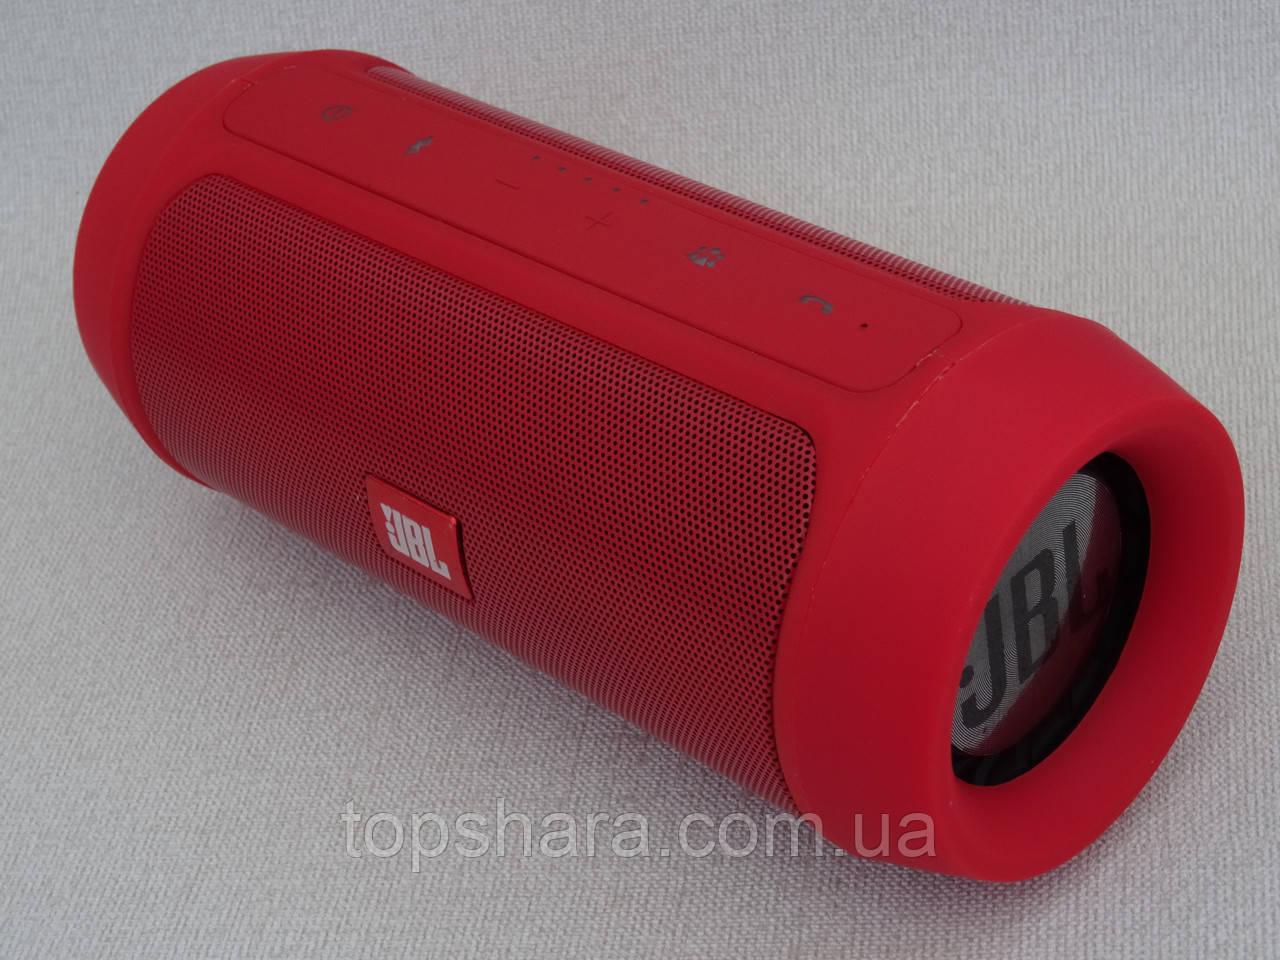 Колонка мобільна бездротова Bluetooth JBL Charge 2+ водонепроникна